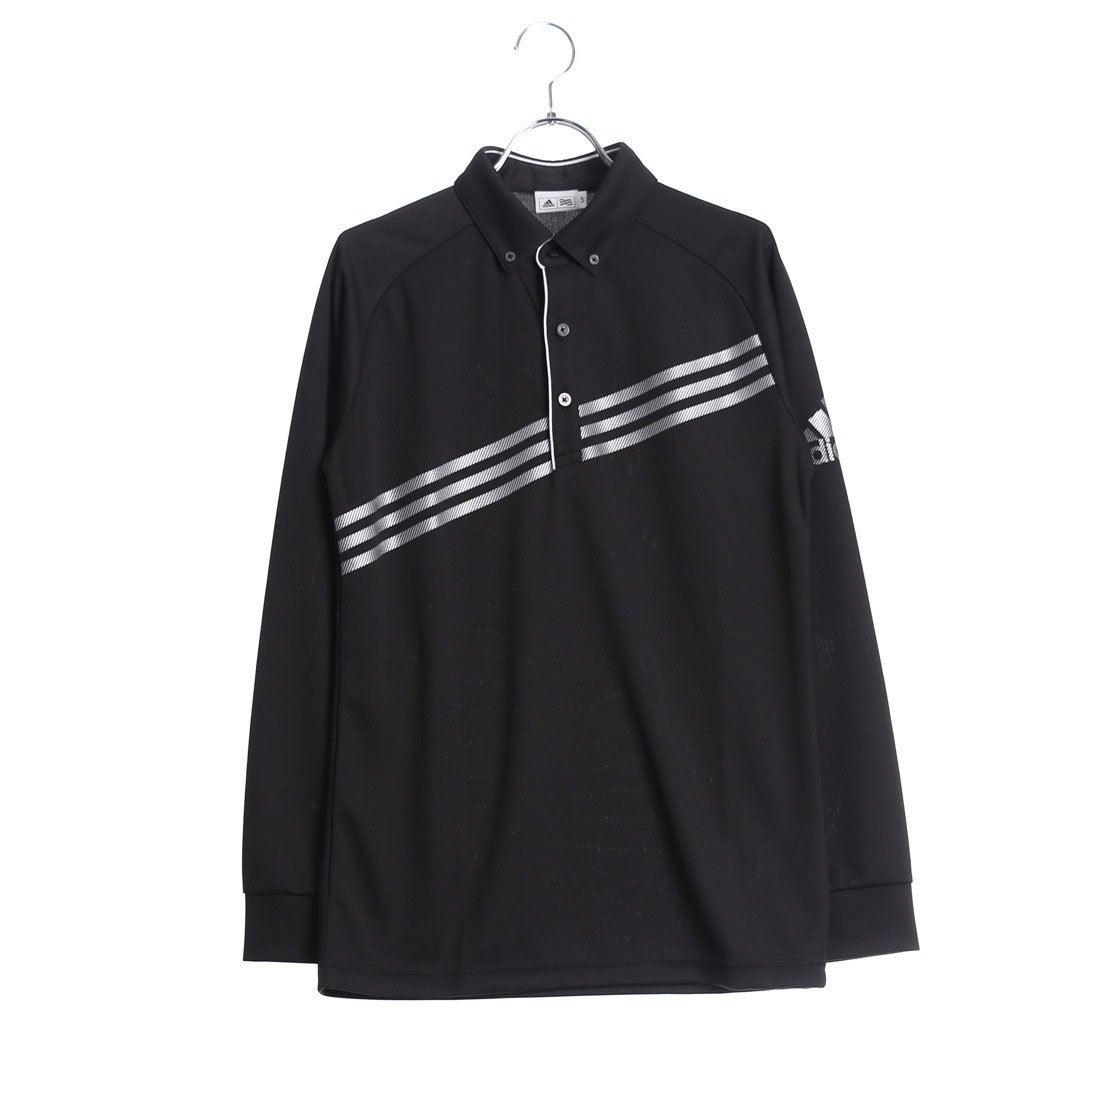 アディダス adidas メンズ ゴルフ 長袖ポロシャツ N68478 メンズ